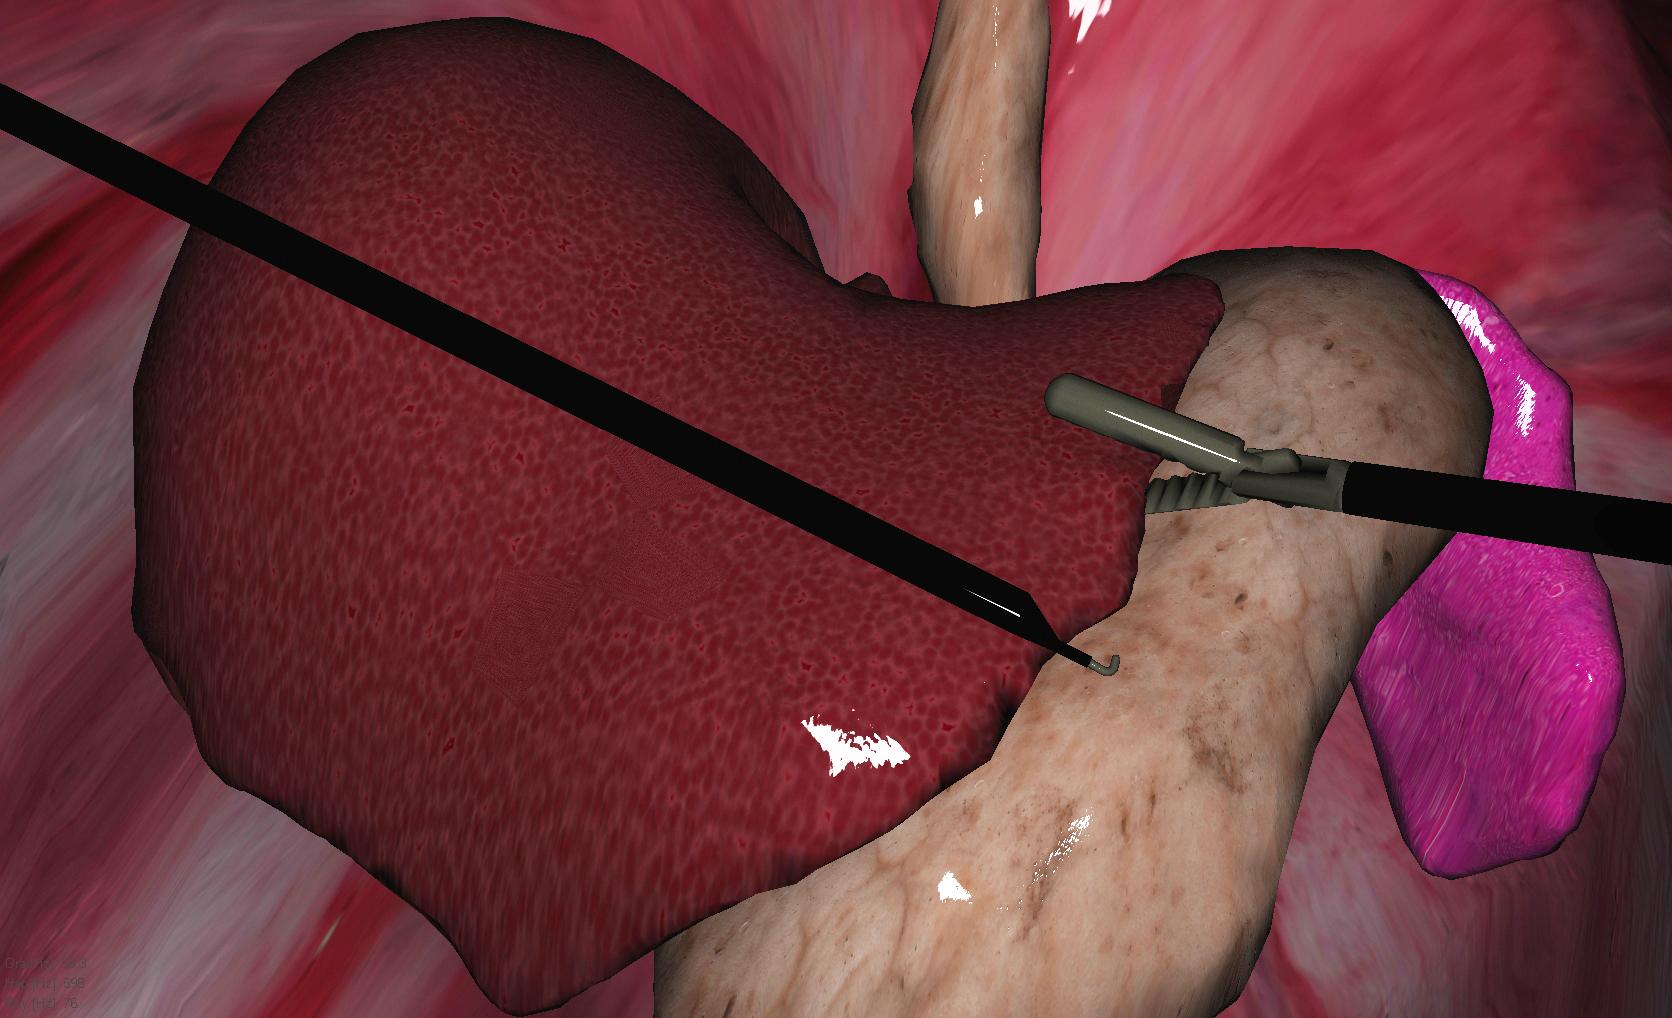 """El método PAFF ofrece a los cirujanos una experiencia más realista de la respuesta al corte, sangrado, humo y presión del tejido. Aquí, instrumentos laparoscópicos virtuales controlados por el cirujano mueven el hígado, que puede """"sentirse"""" y reaccionar de manera diferente a los órganos cercanos, de acuerdo a características únicas de presión de tejido. Si este movimiento crea sangrado o humo, el simulador añadirá dichas variables, permitiendo al cirujano que practique el procedimiento con visibilidad limitada y, quizá, respuesta cambiante al tejido."""